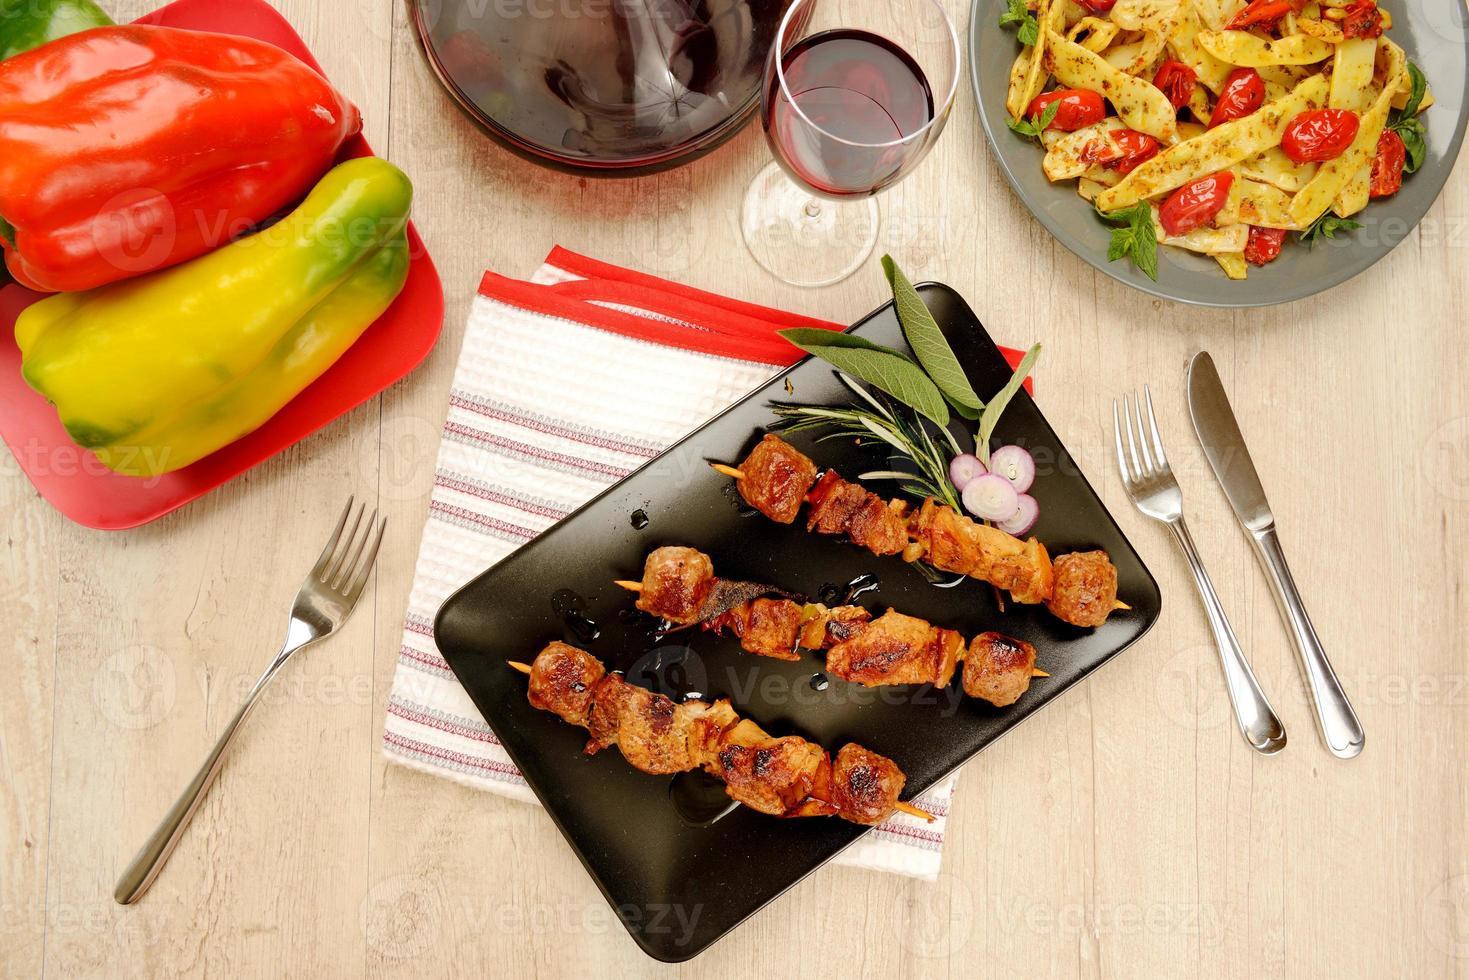 köttspett kokta redo att äta foto